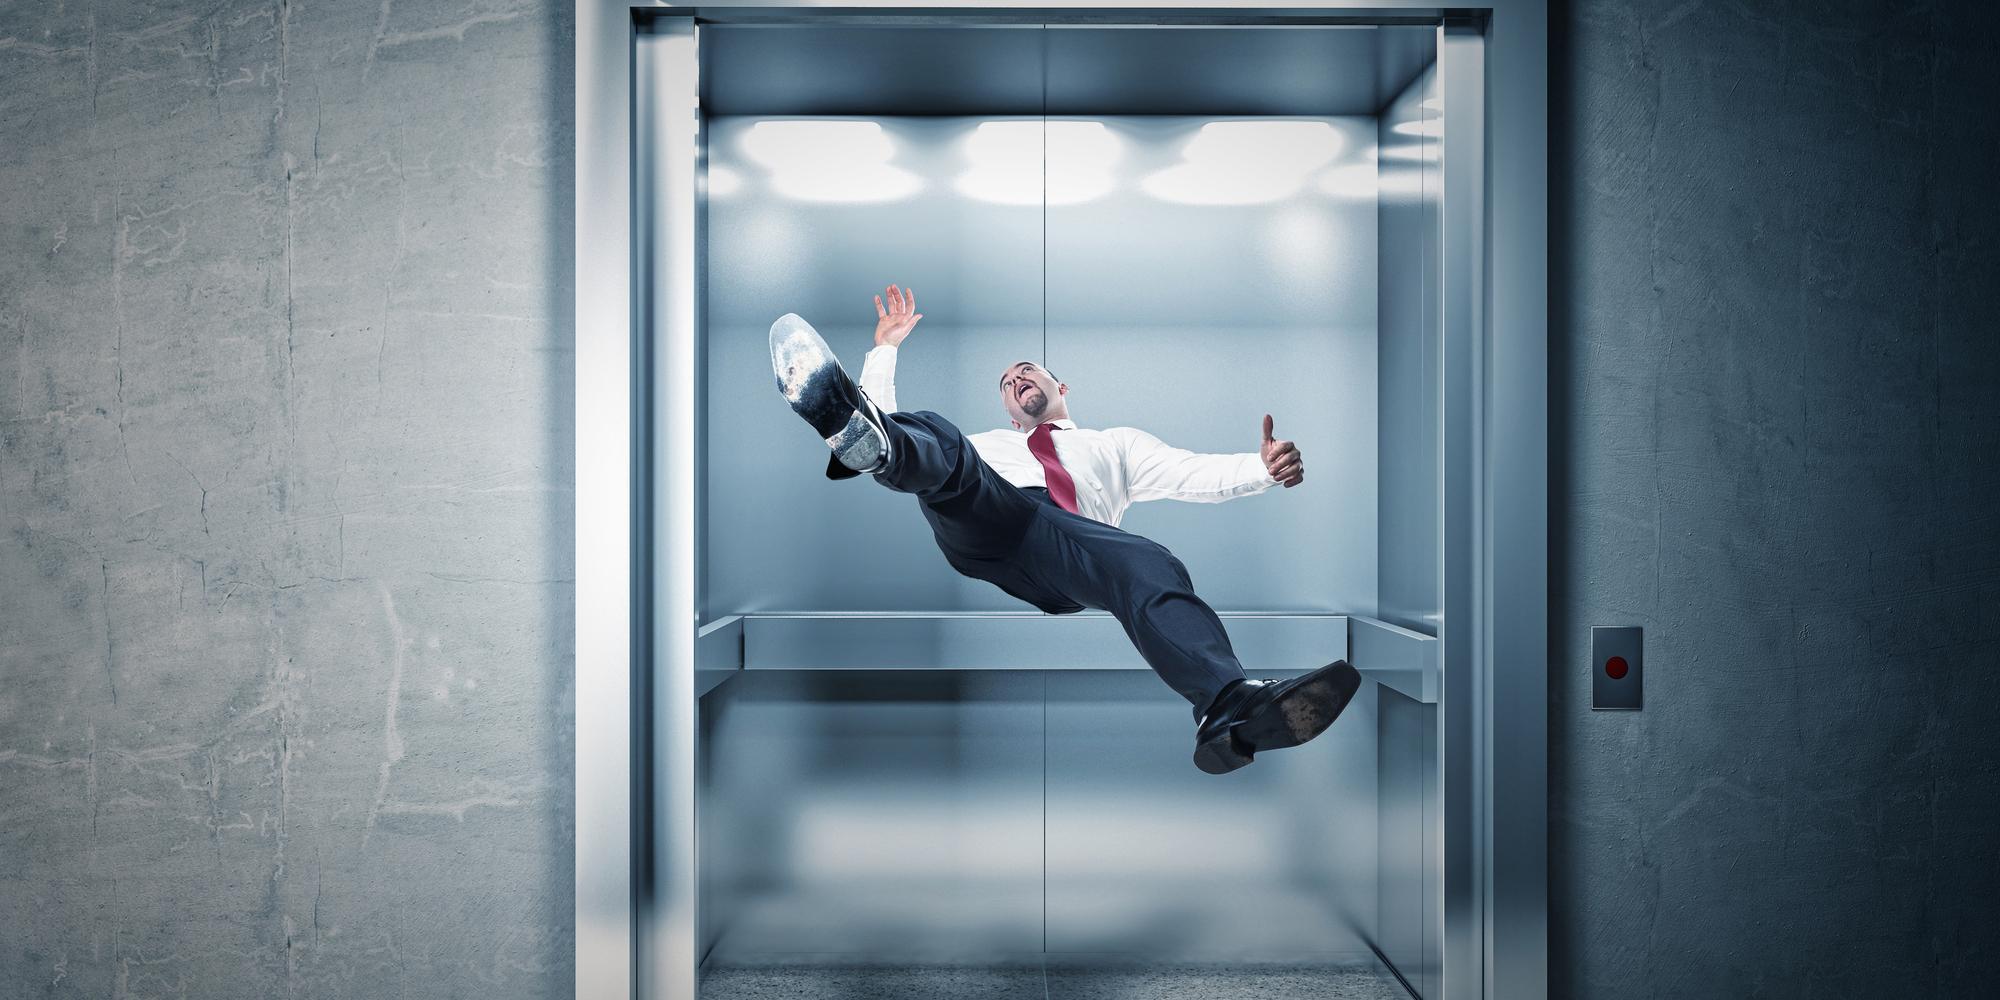 Почему нельзя прыгать в лифте: последствия, что из них является мифом